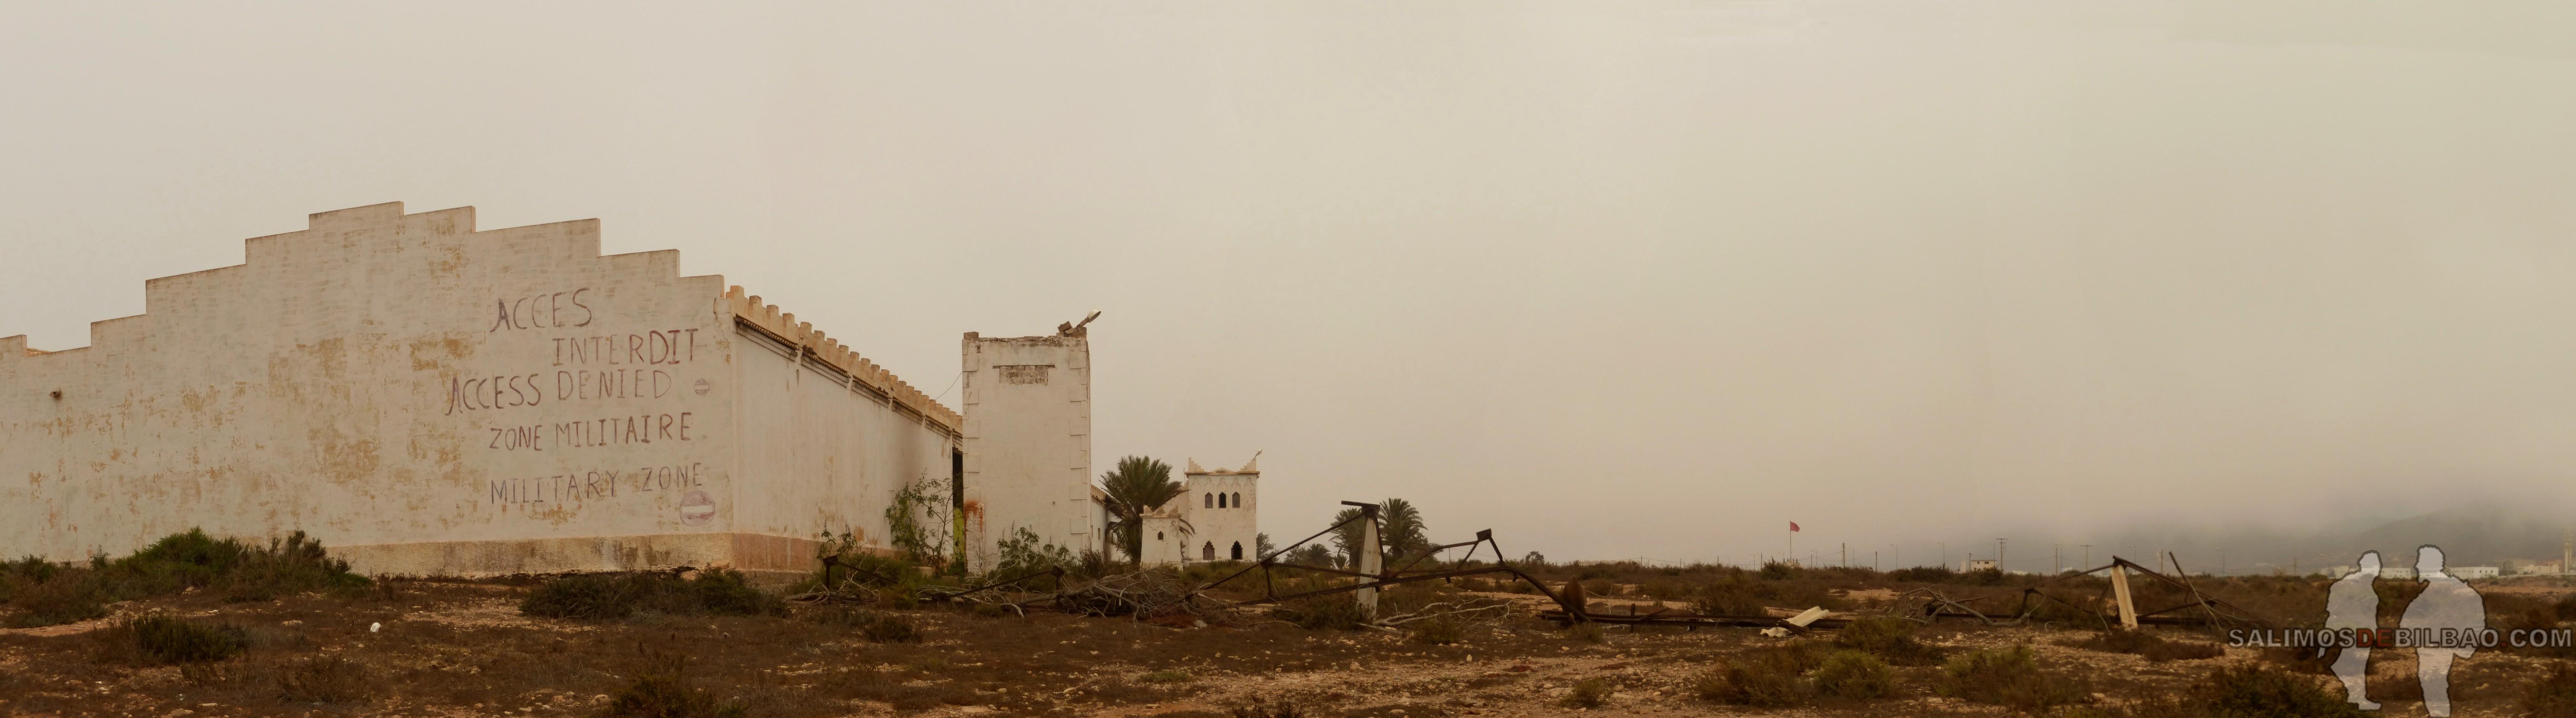 344. Pano, Camino de Sidi Ifni a Legzira